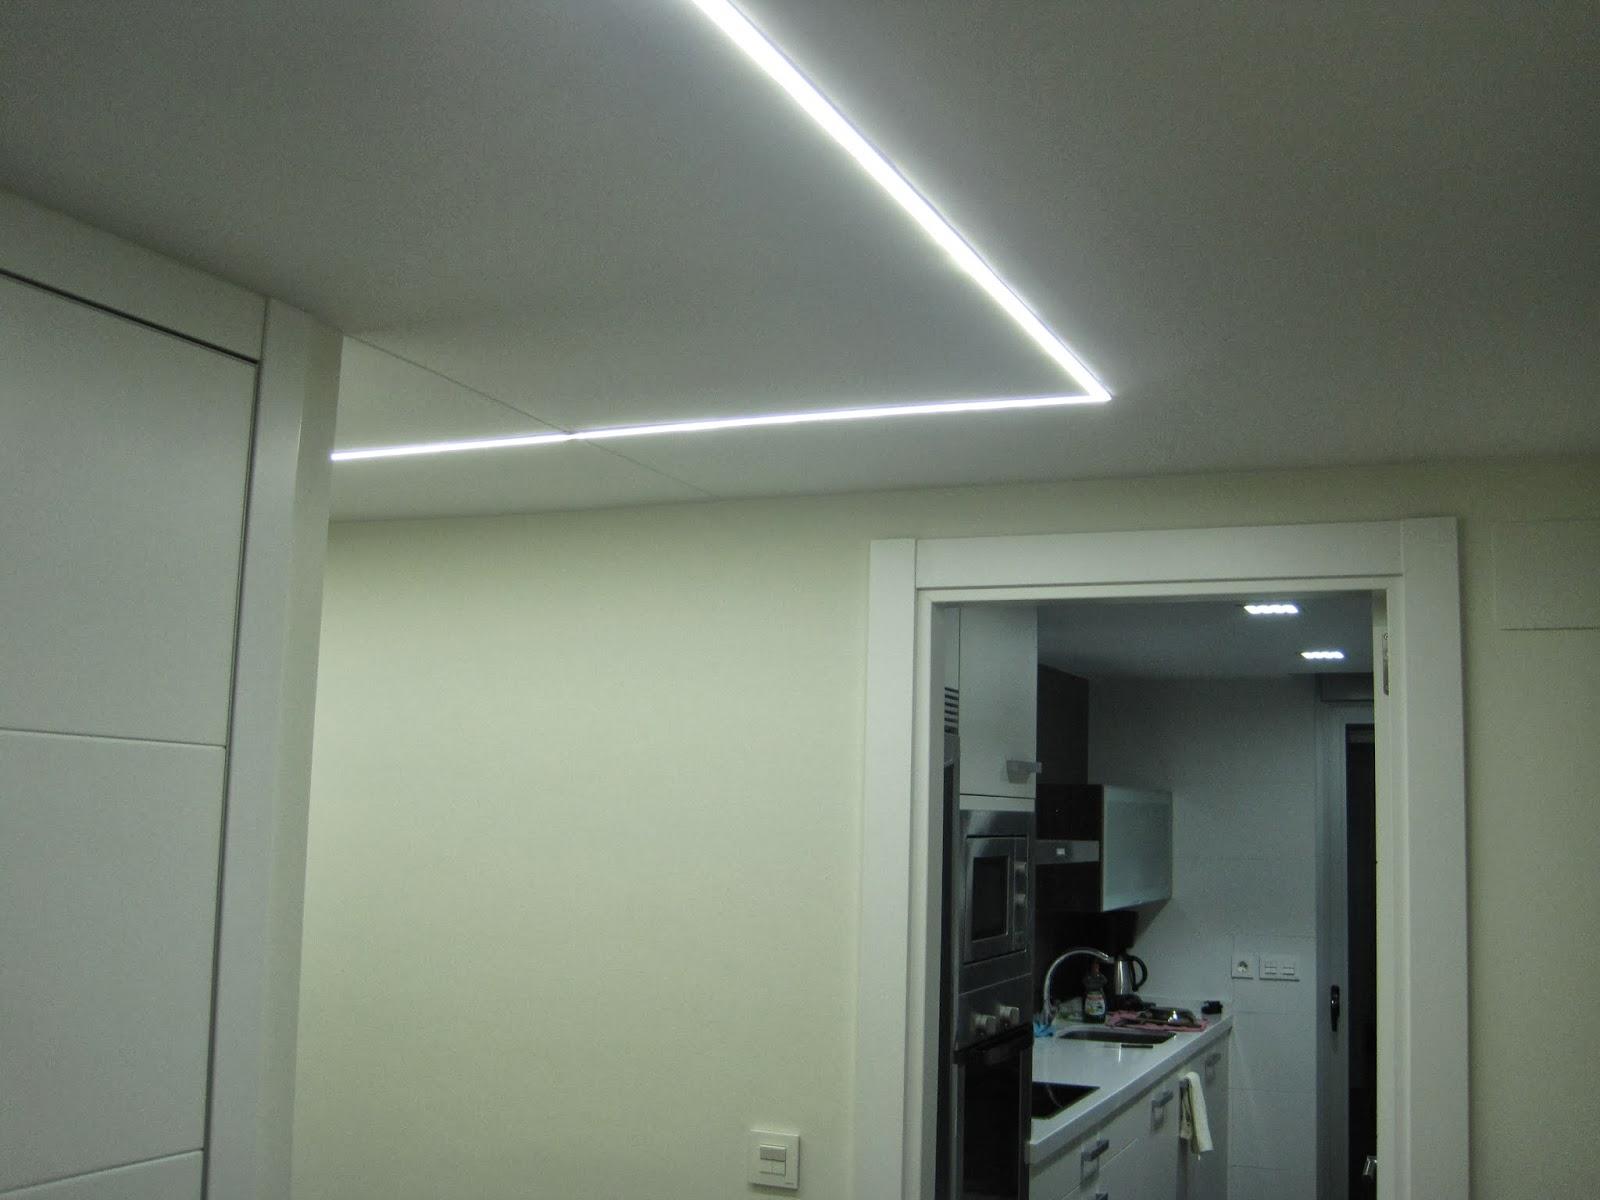 Iluminacion ba o ofertas - Iluminacion para el bano ...